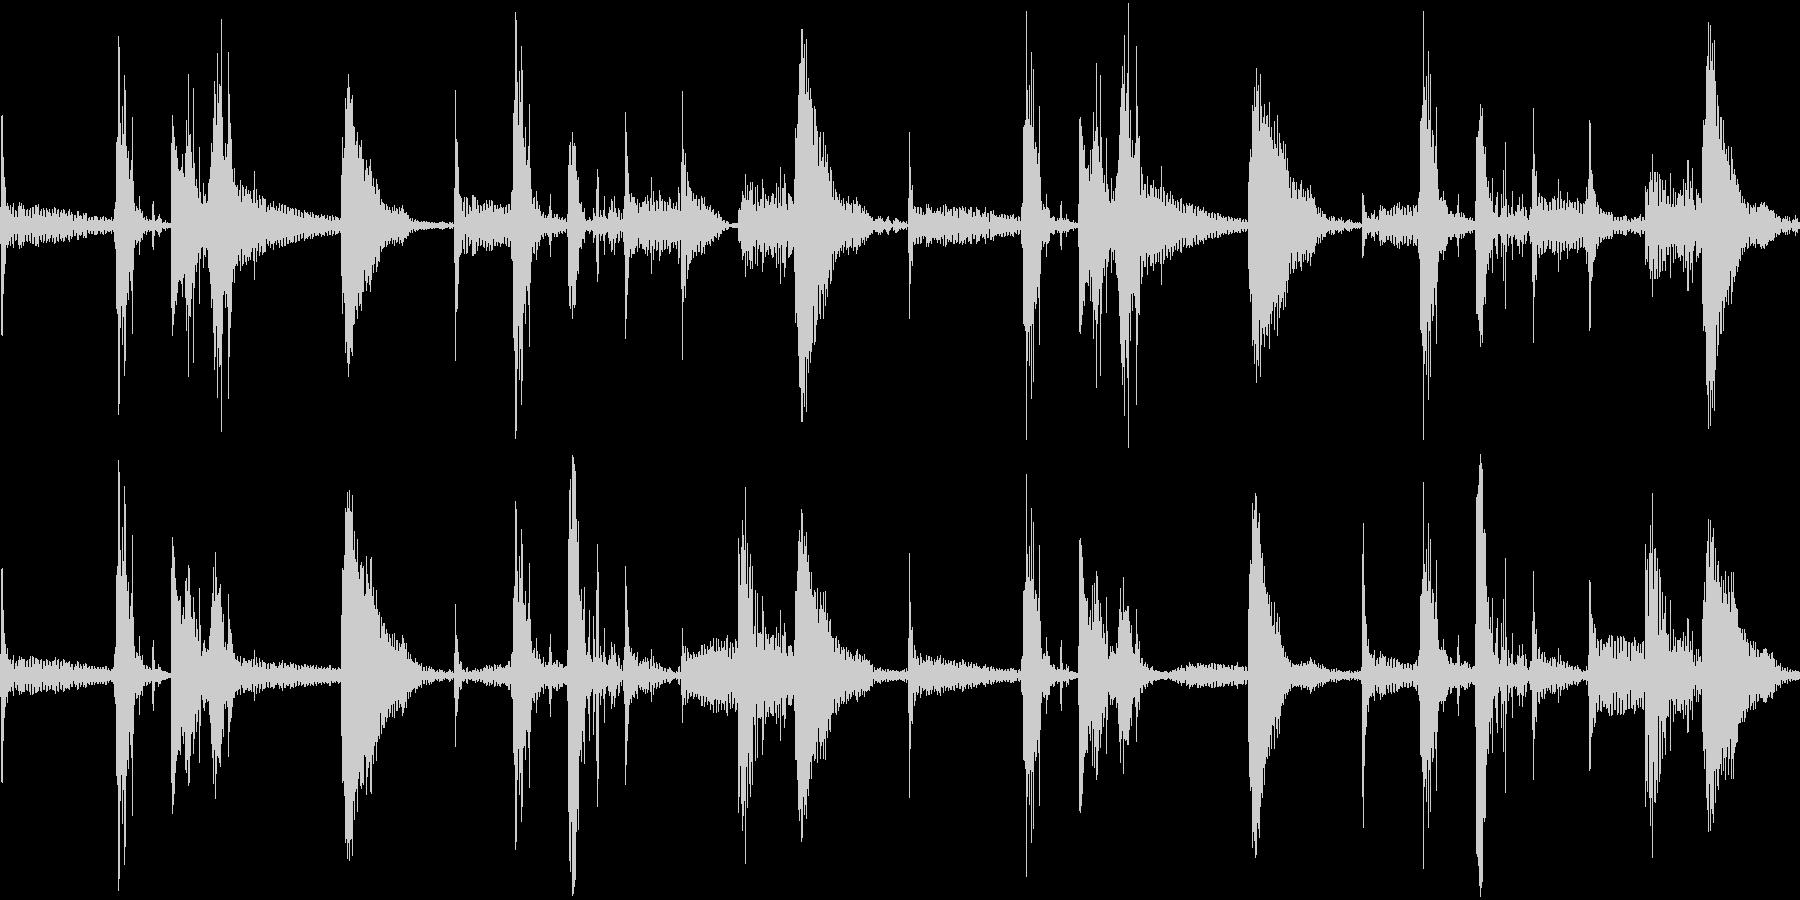 Ethno エスニックなアフリカンビートの未再生の波形